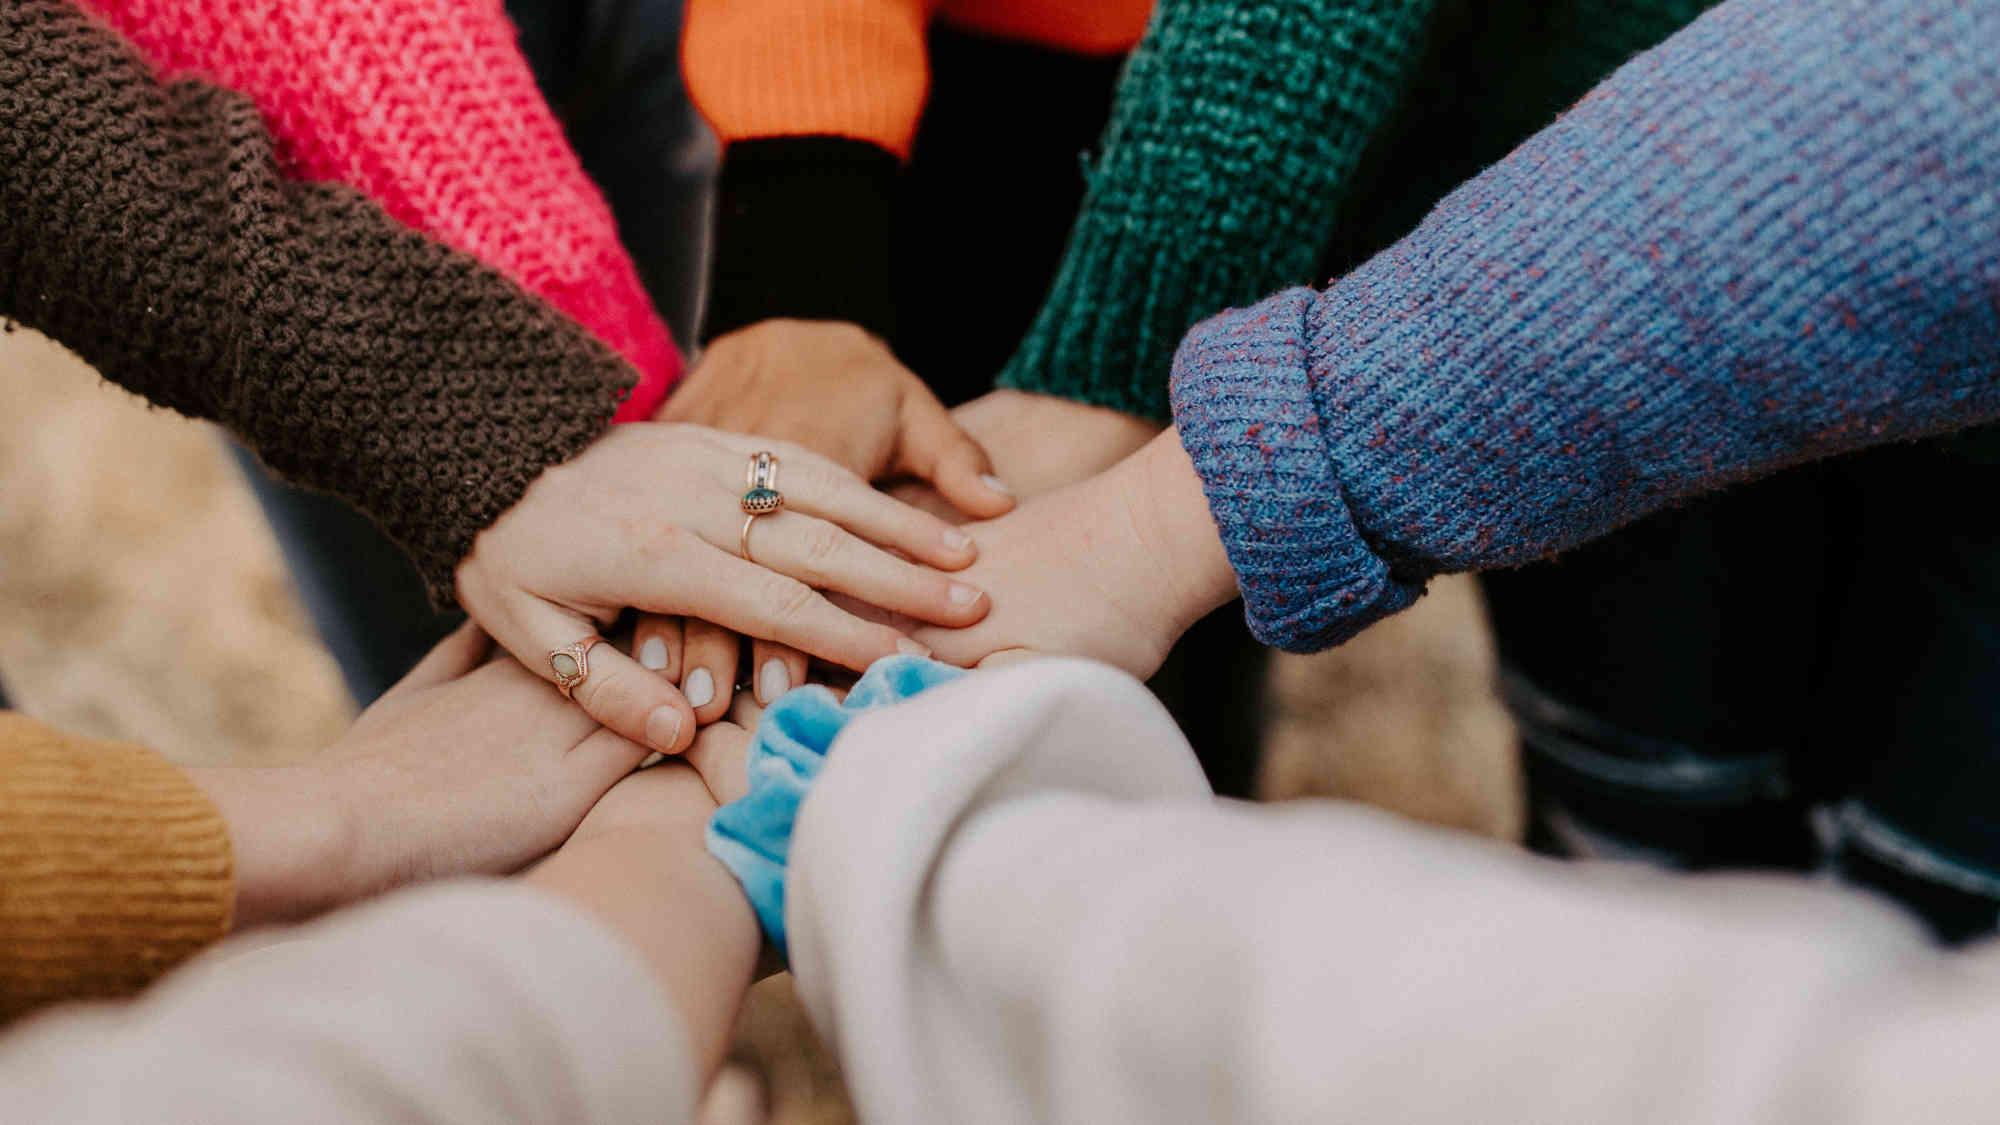 Všichni společně - každý dal ruku na ruku druhého